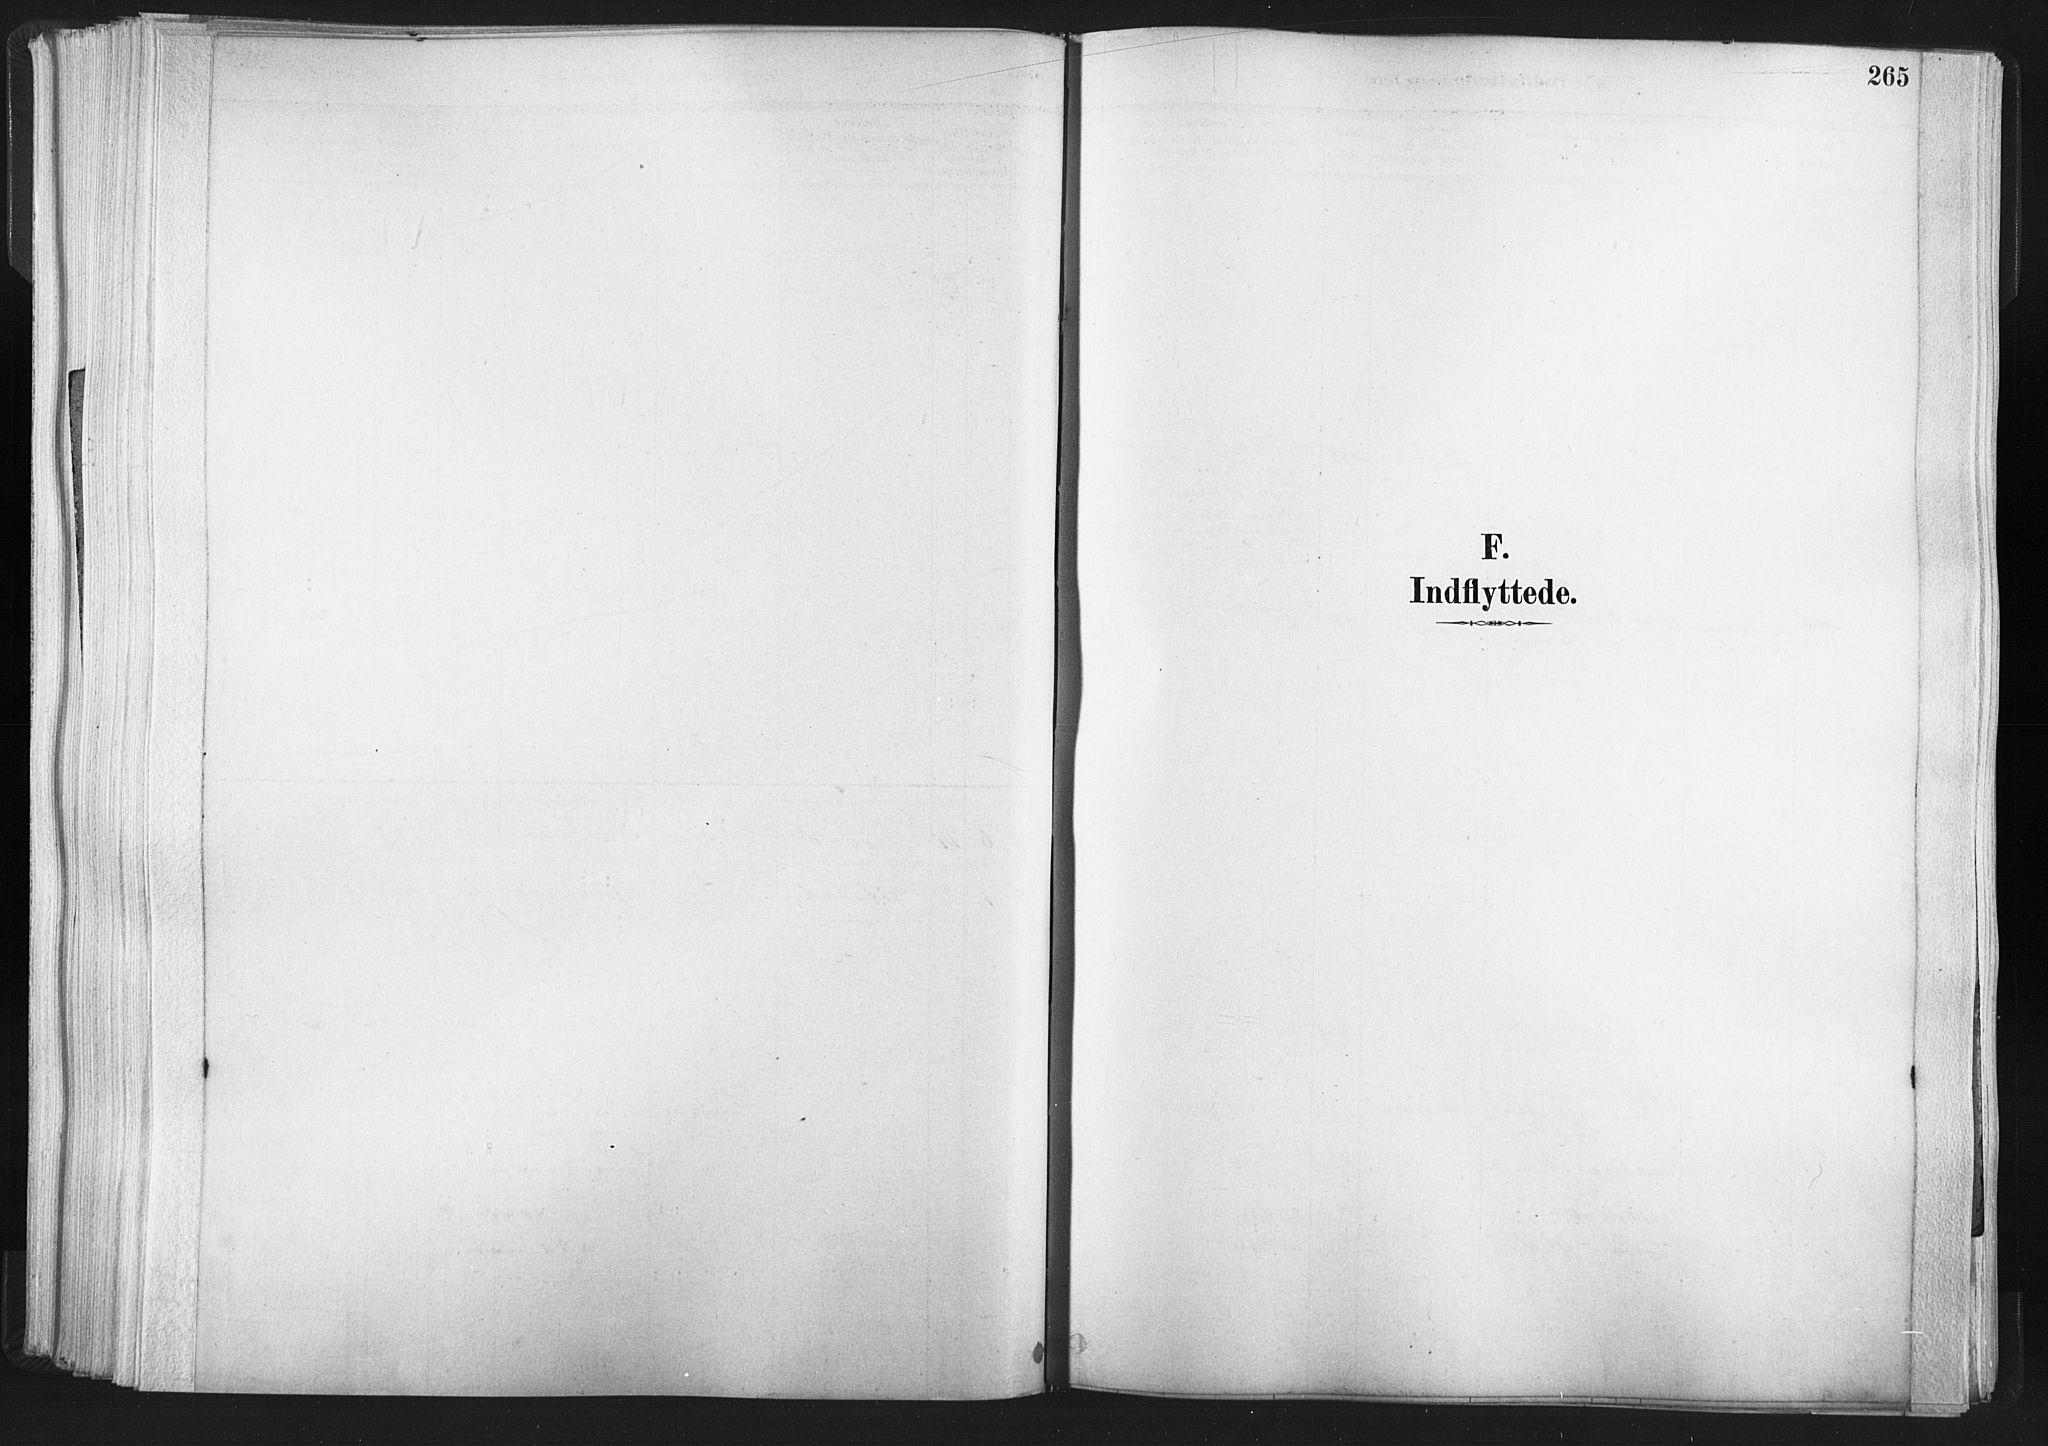 SAT, Ministerialprotokoller, klokkerbøker og fødselsregistre - Nord-Trøndelag, 749/L0474: Ministerialbok nr. 749A08, 1887-1903, s. 265